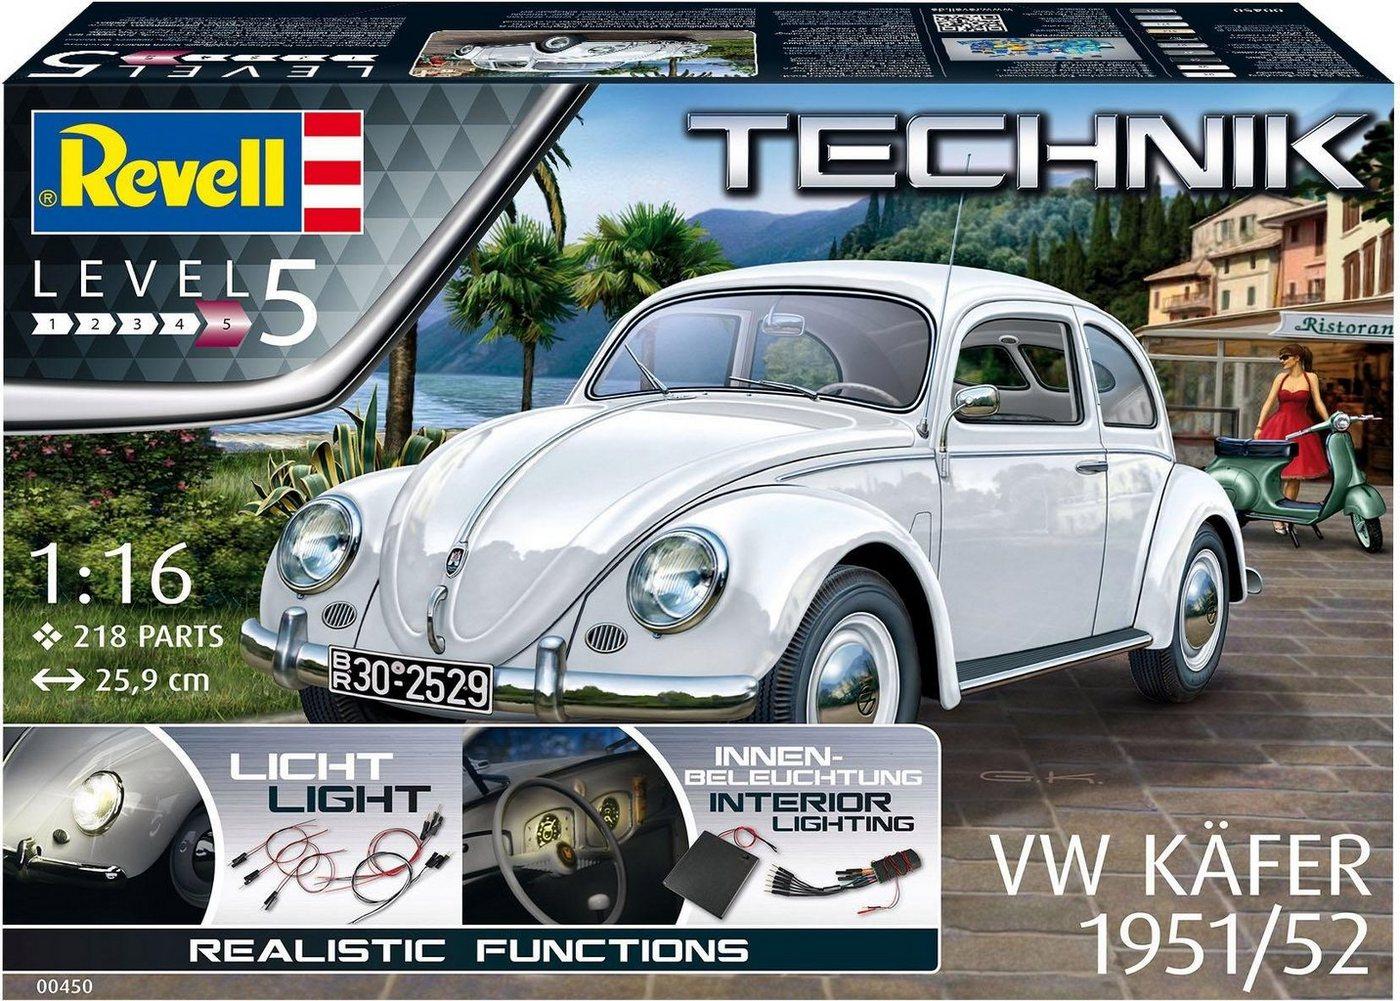 Revell Modellbausatz Auto mit Elektronikkomponenten, 1:16, » Volkswagen VW Käfer 1951/1952-Technik«